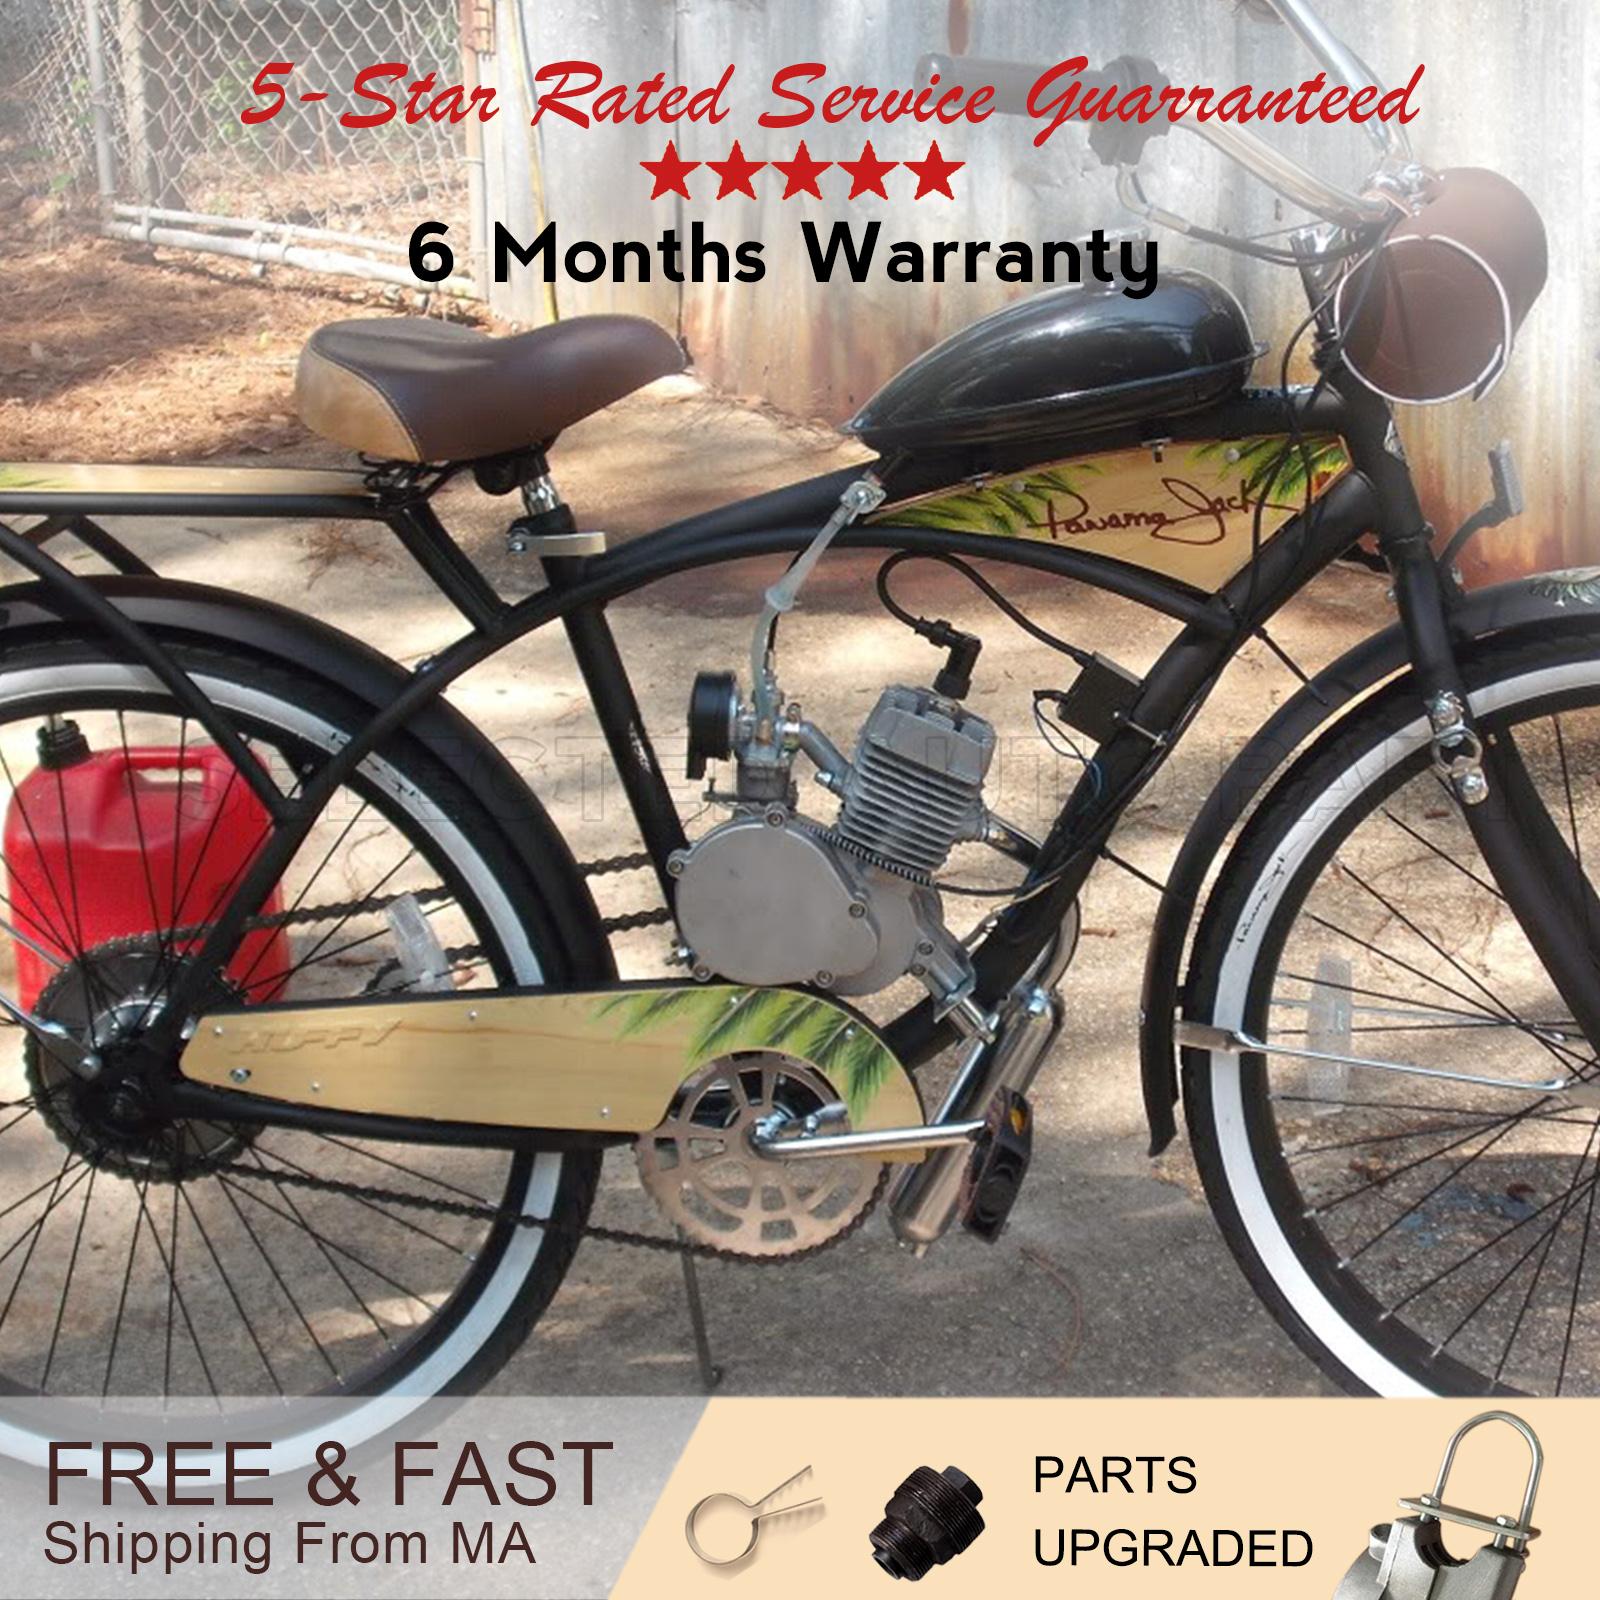 Upgraded Motor Engine Kit Gas For Motorized Bicycle Bike